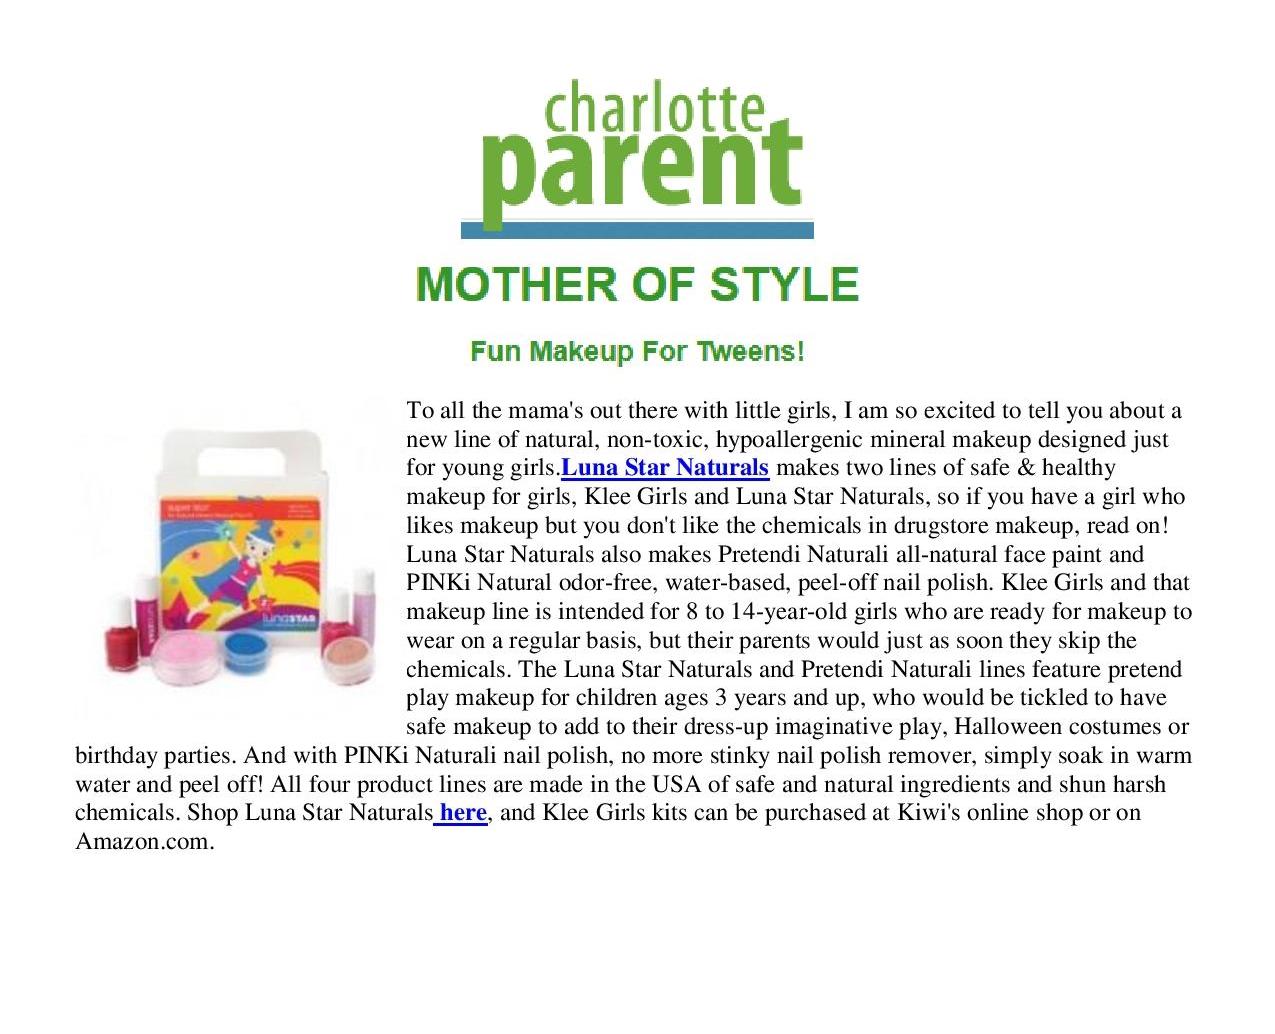 Luna Star-PR-Charlotte Parent Magazine layout 6-14-page-001.jpg